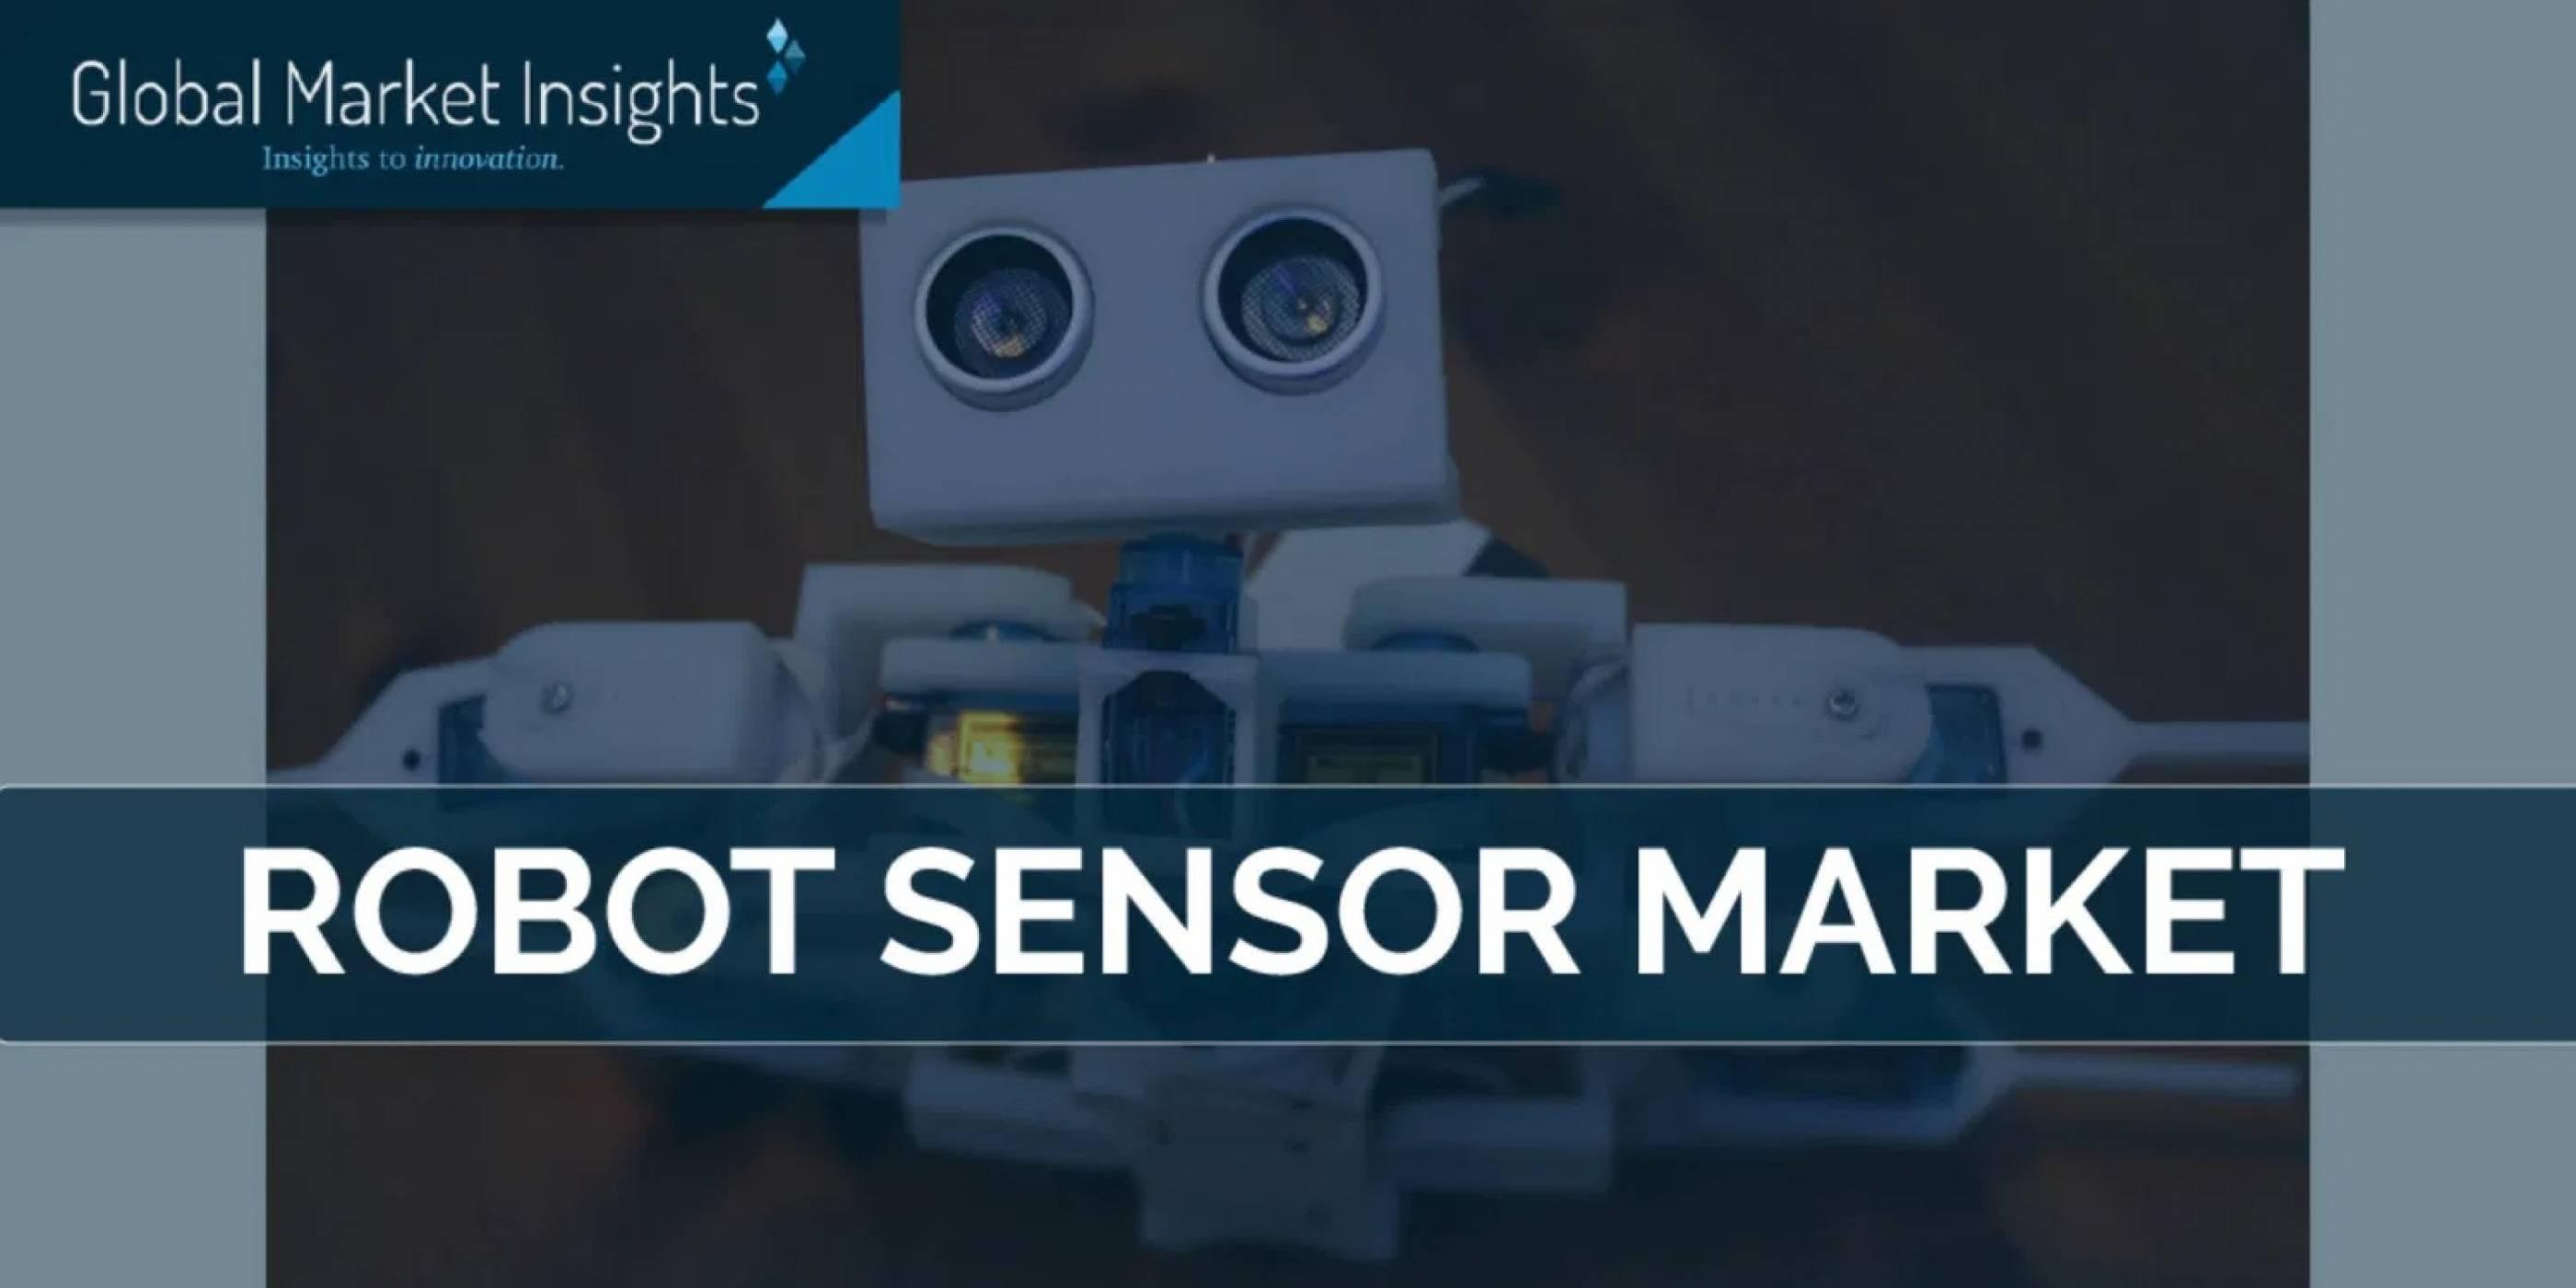 Сензорите за роботи в дома и в завода: бизнес за милиарди долари